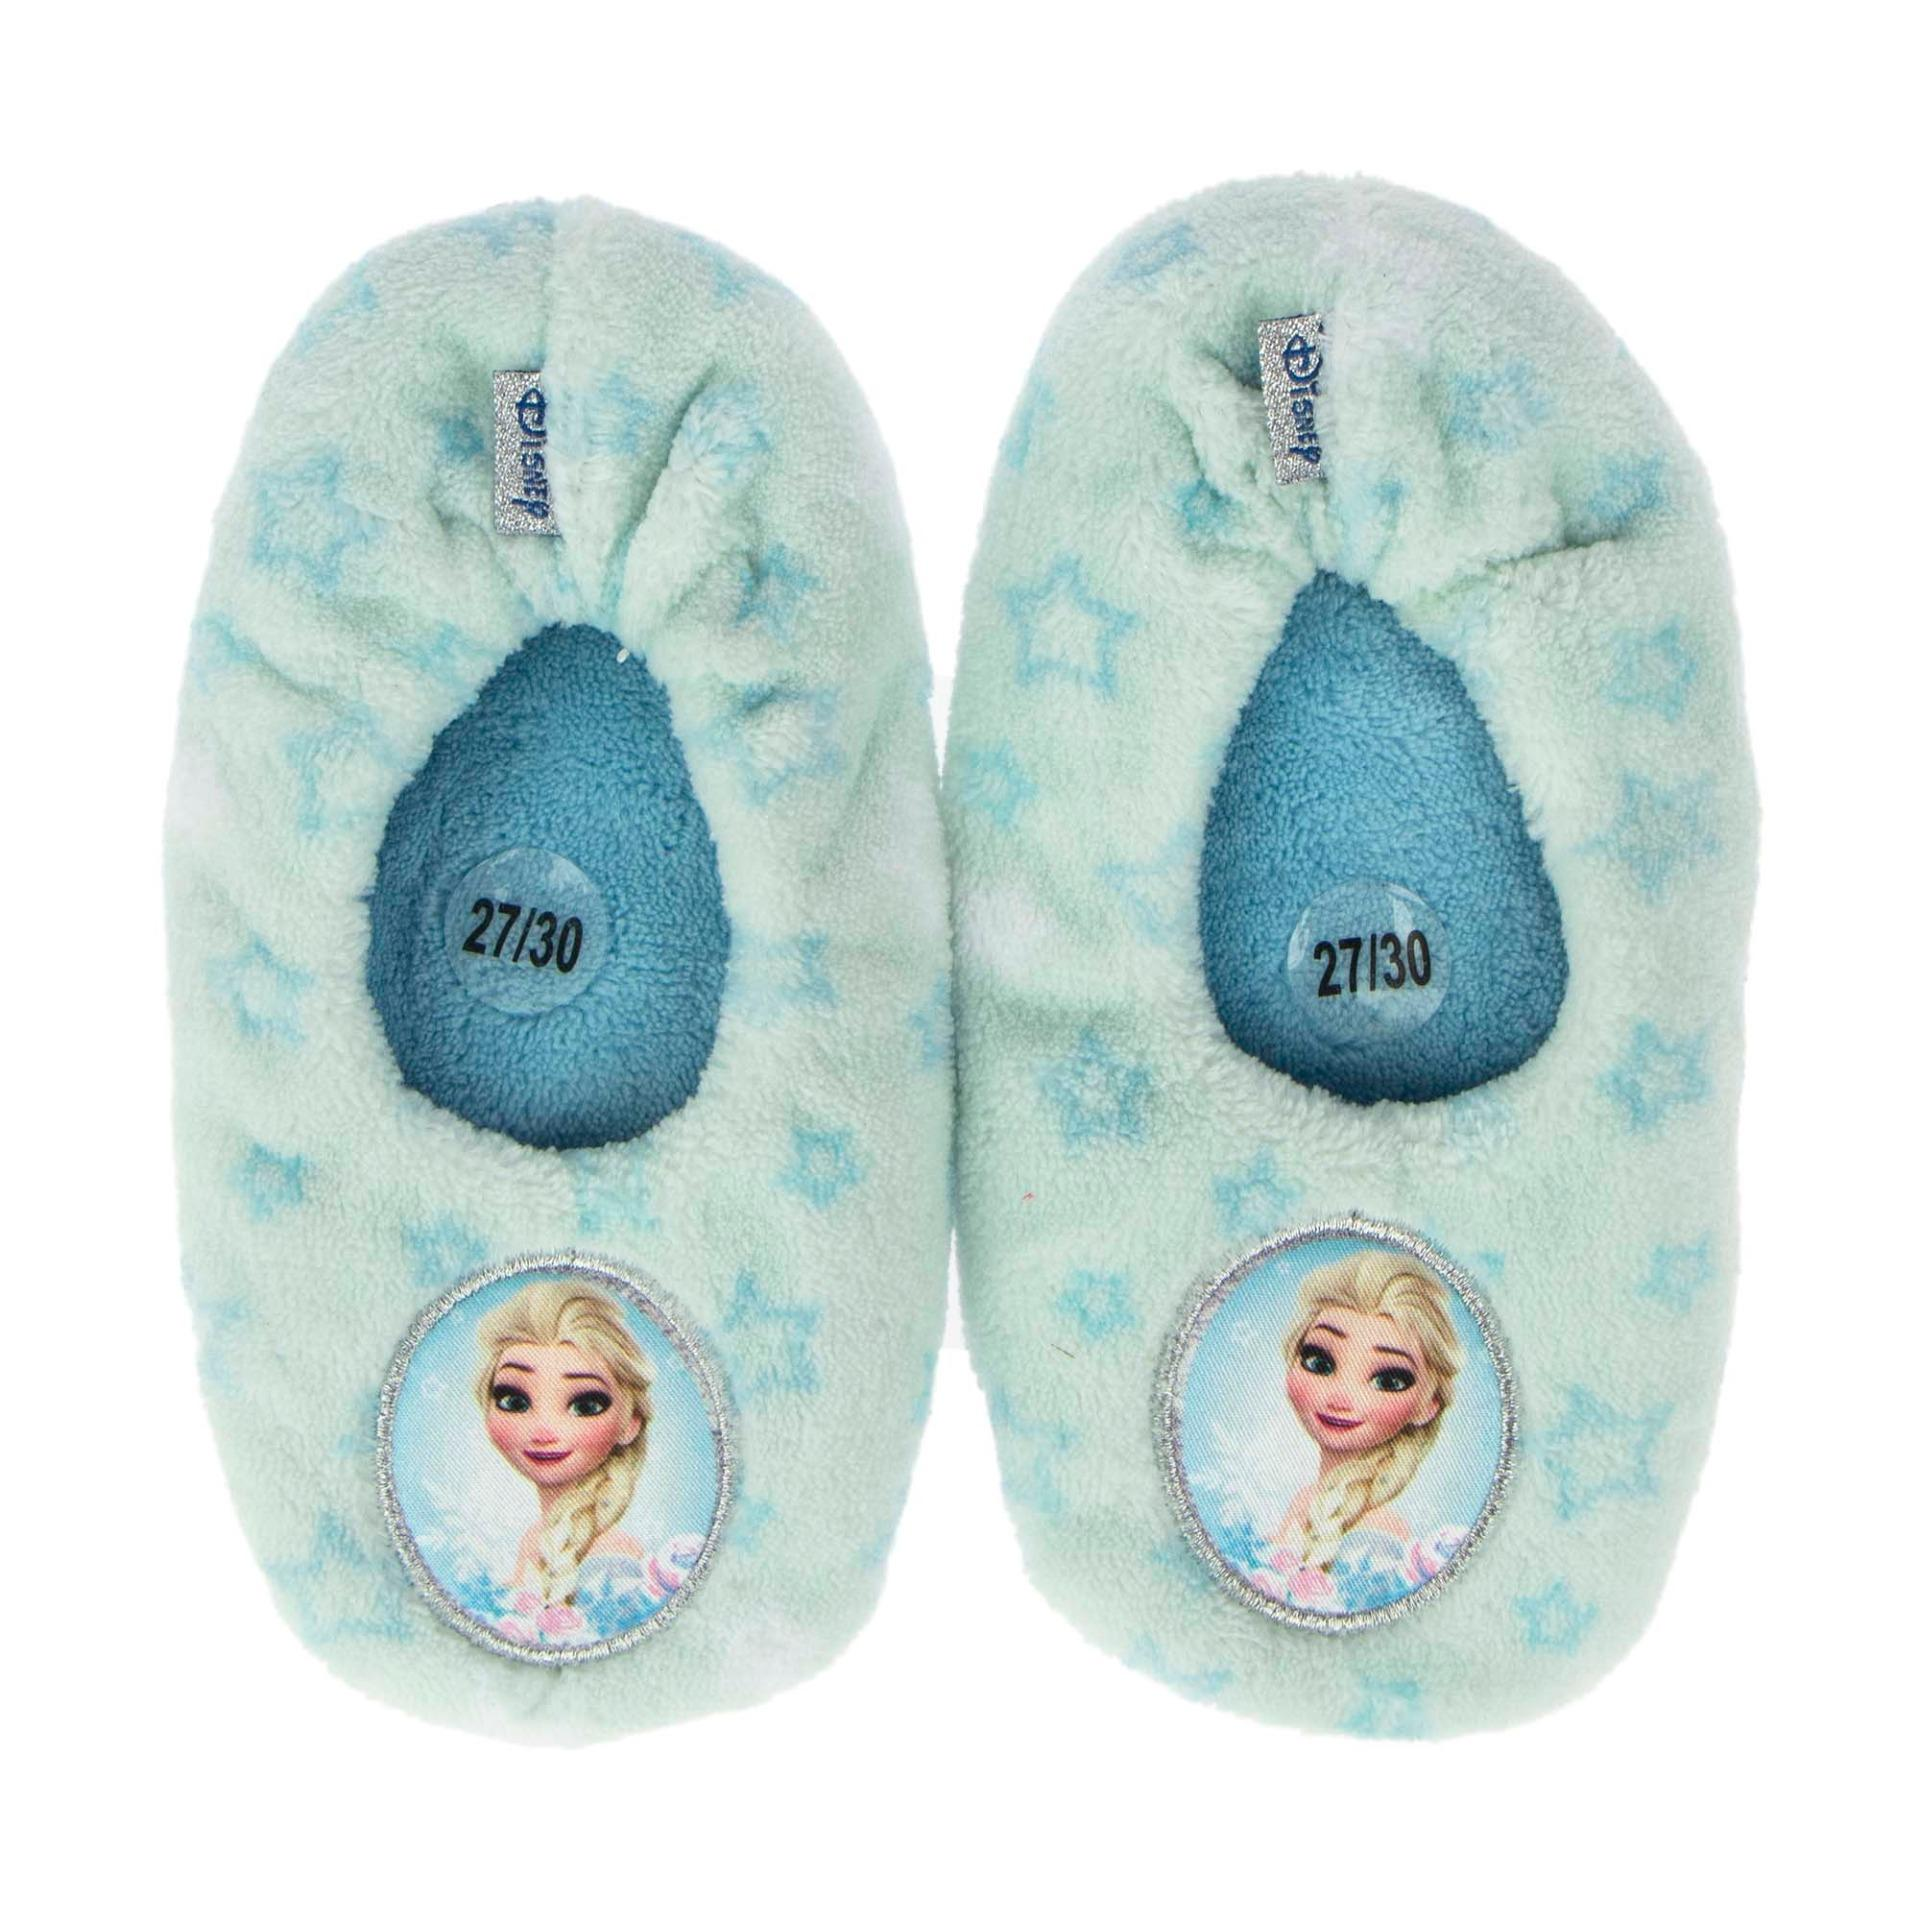 Καλτσοπαντοφλάκια Frozen Disney ΙΙ  with anti-slip Elsa